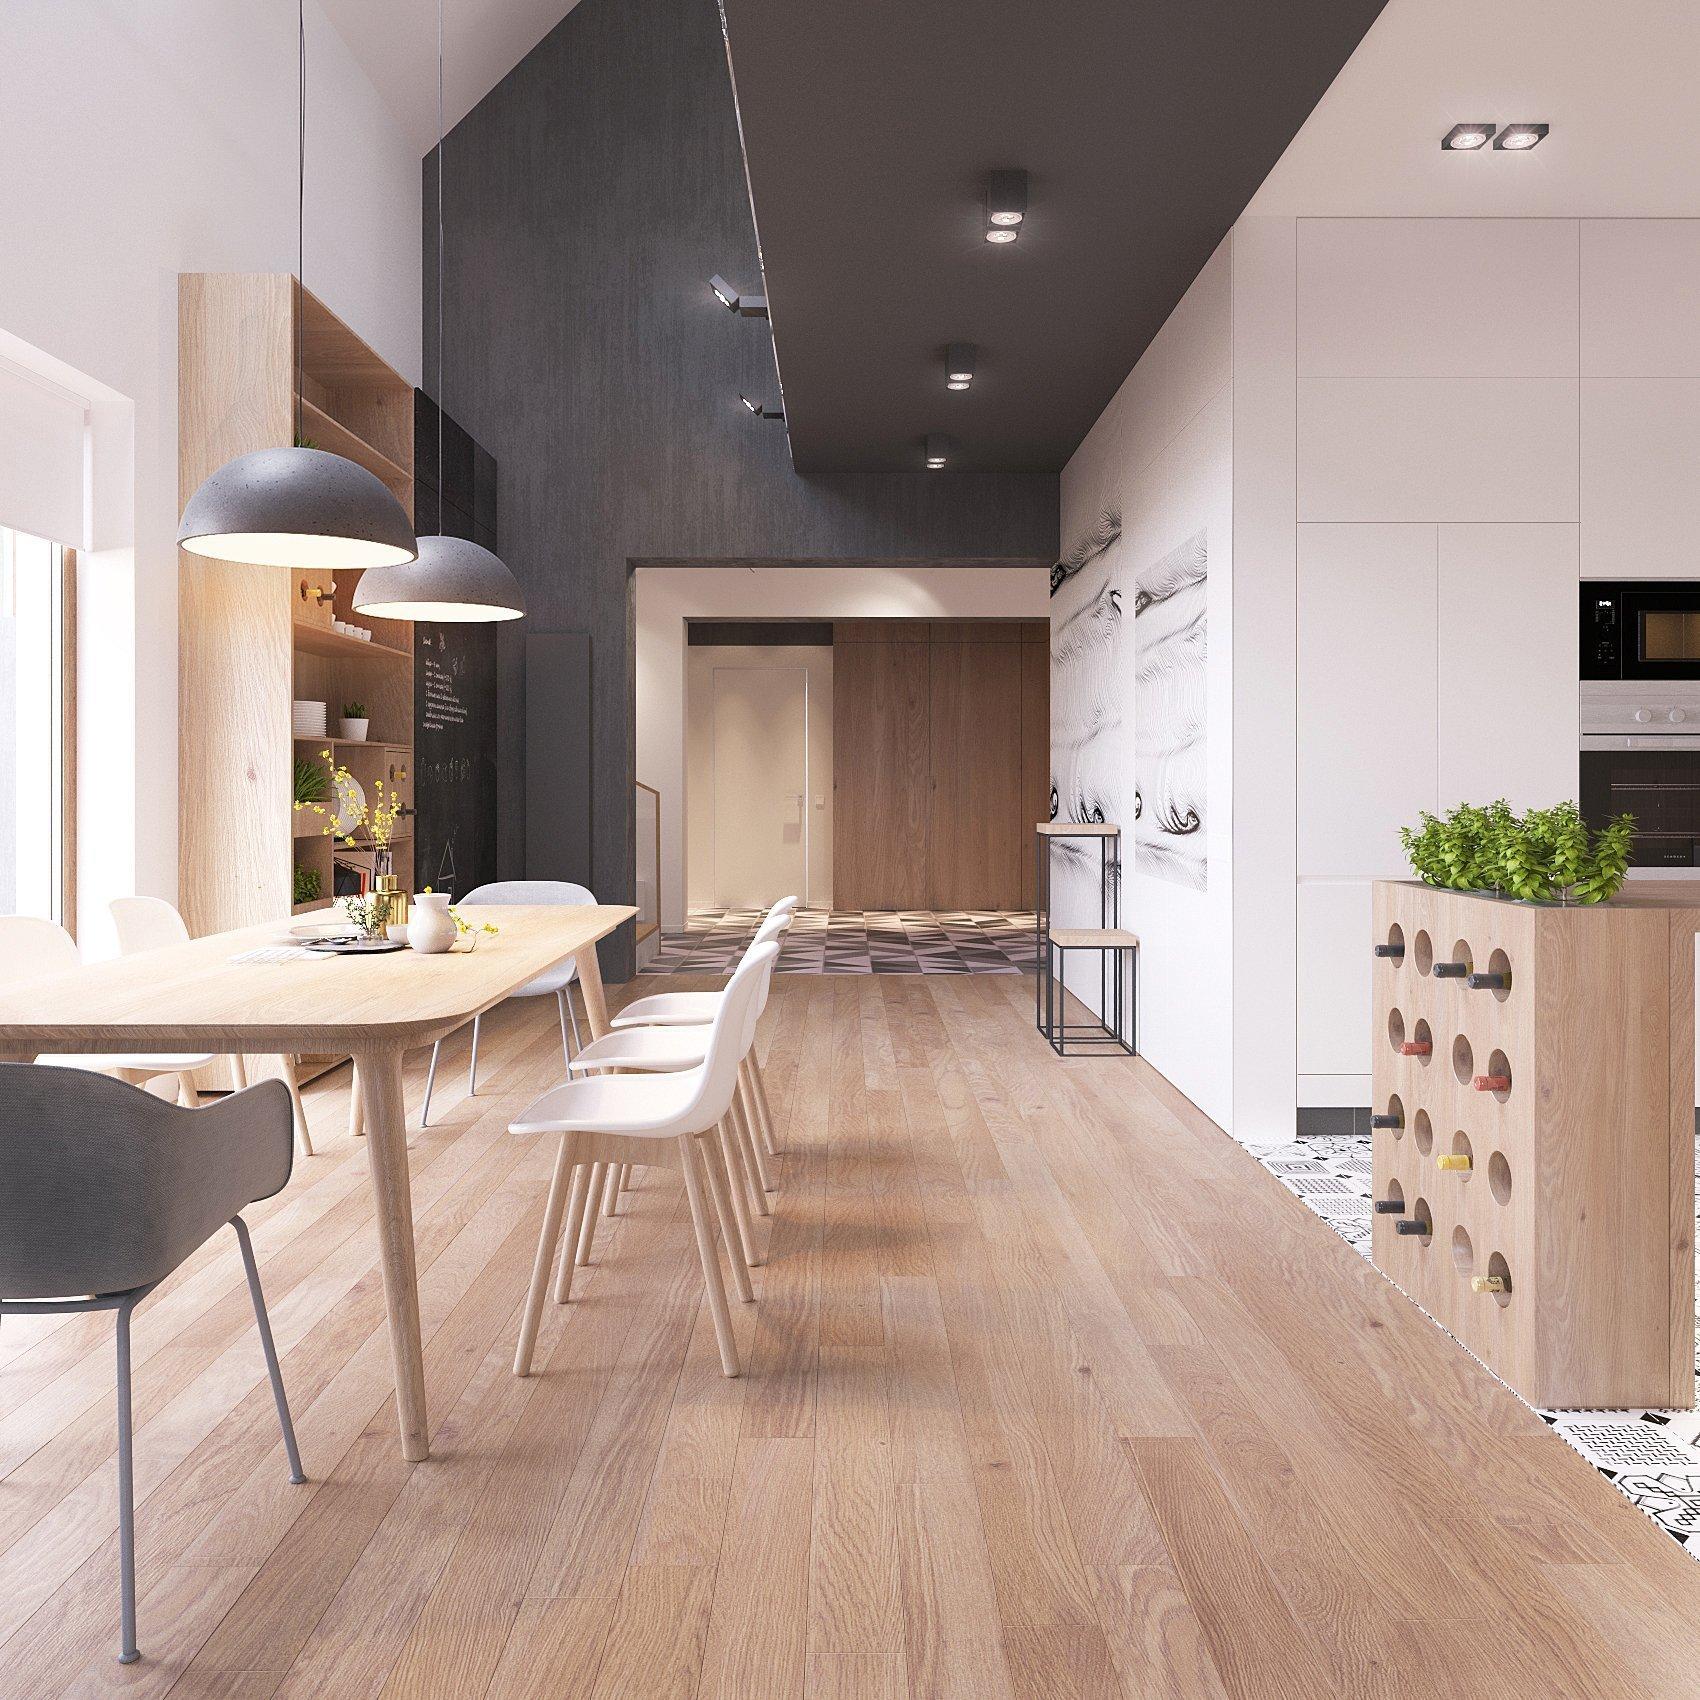 Jedním z nejmodernějších a nejoblíbenějších stylů interiréru je právě skandinávský design, a to zejména díky světlým otevřeným prostorům a praktickým vybavením, který je pro tento typ interiéru typický.   Ruské architektonické studio ZROBYM Architects se pustilo do realizace moderního interiéru domu s použitím téměř všech prvků typicky klasického skandinávského designu.